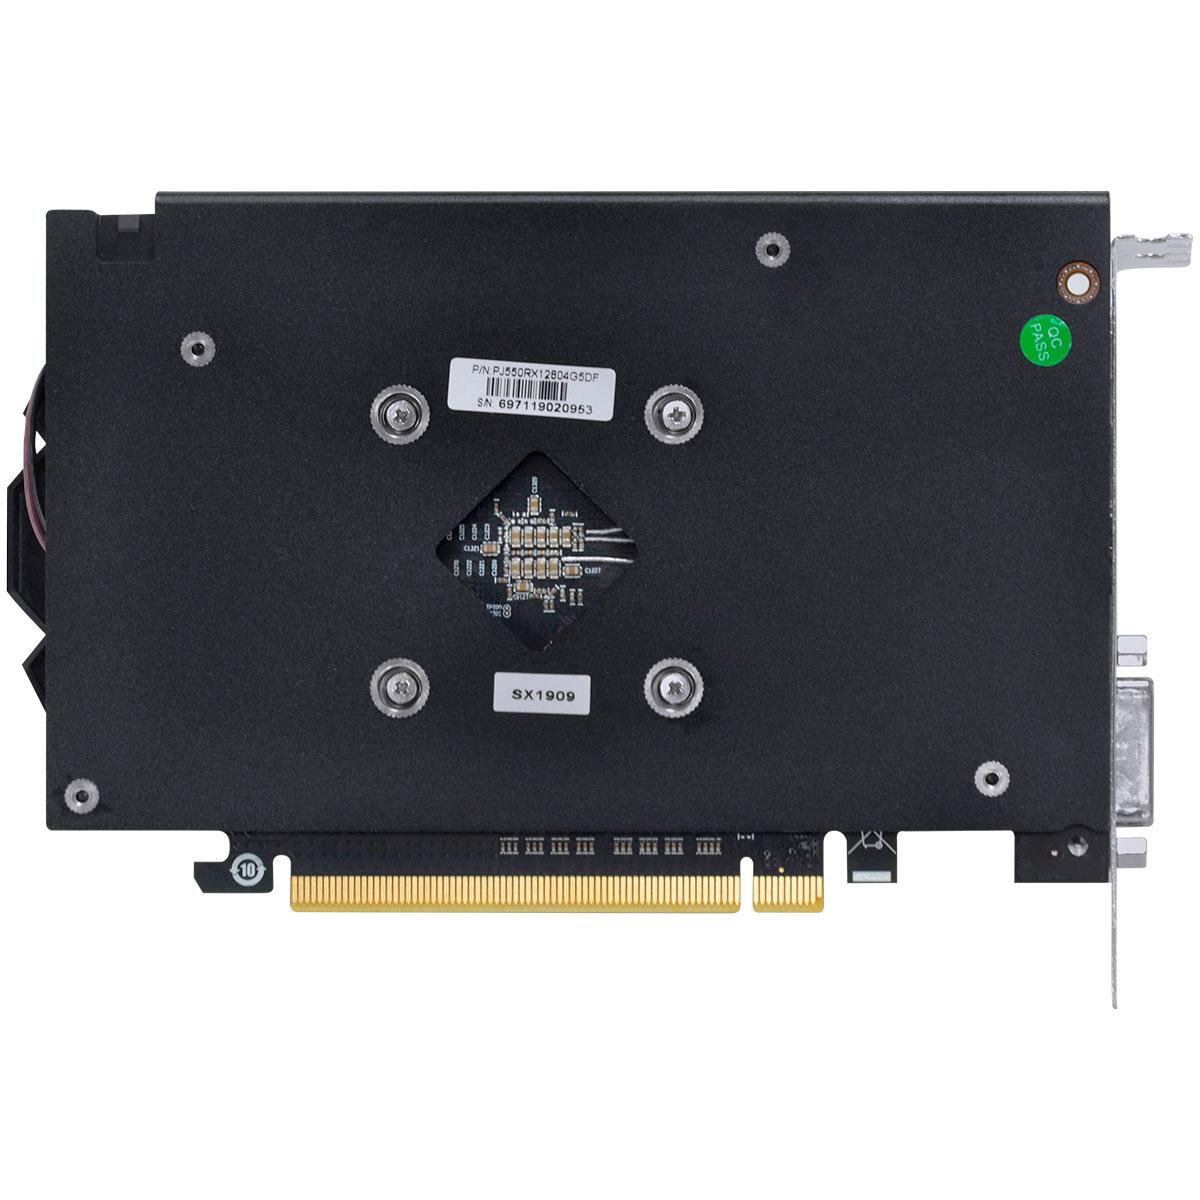 Placa de Vídeo Pcyes RX550 4GB GDDR5 128 Bits Graffiti - PJ550RX12804G5DF